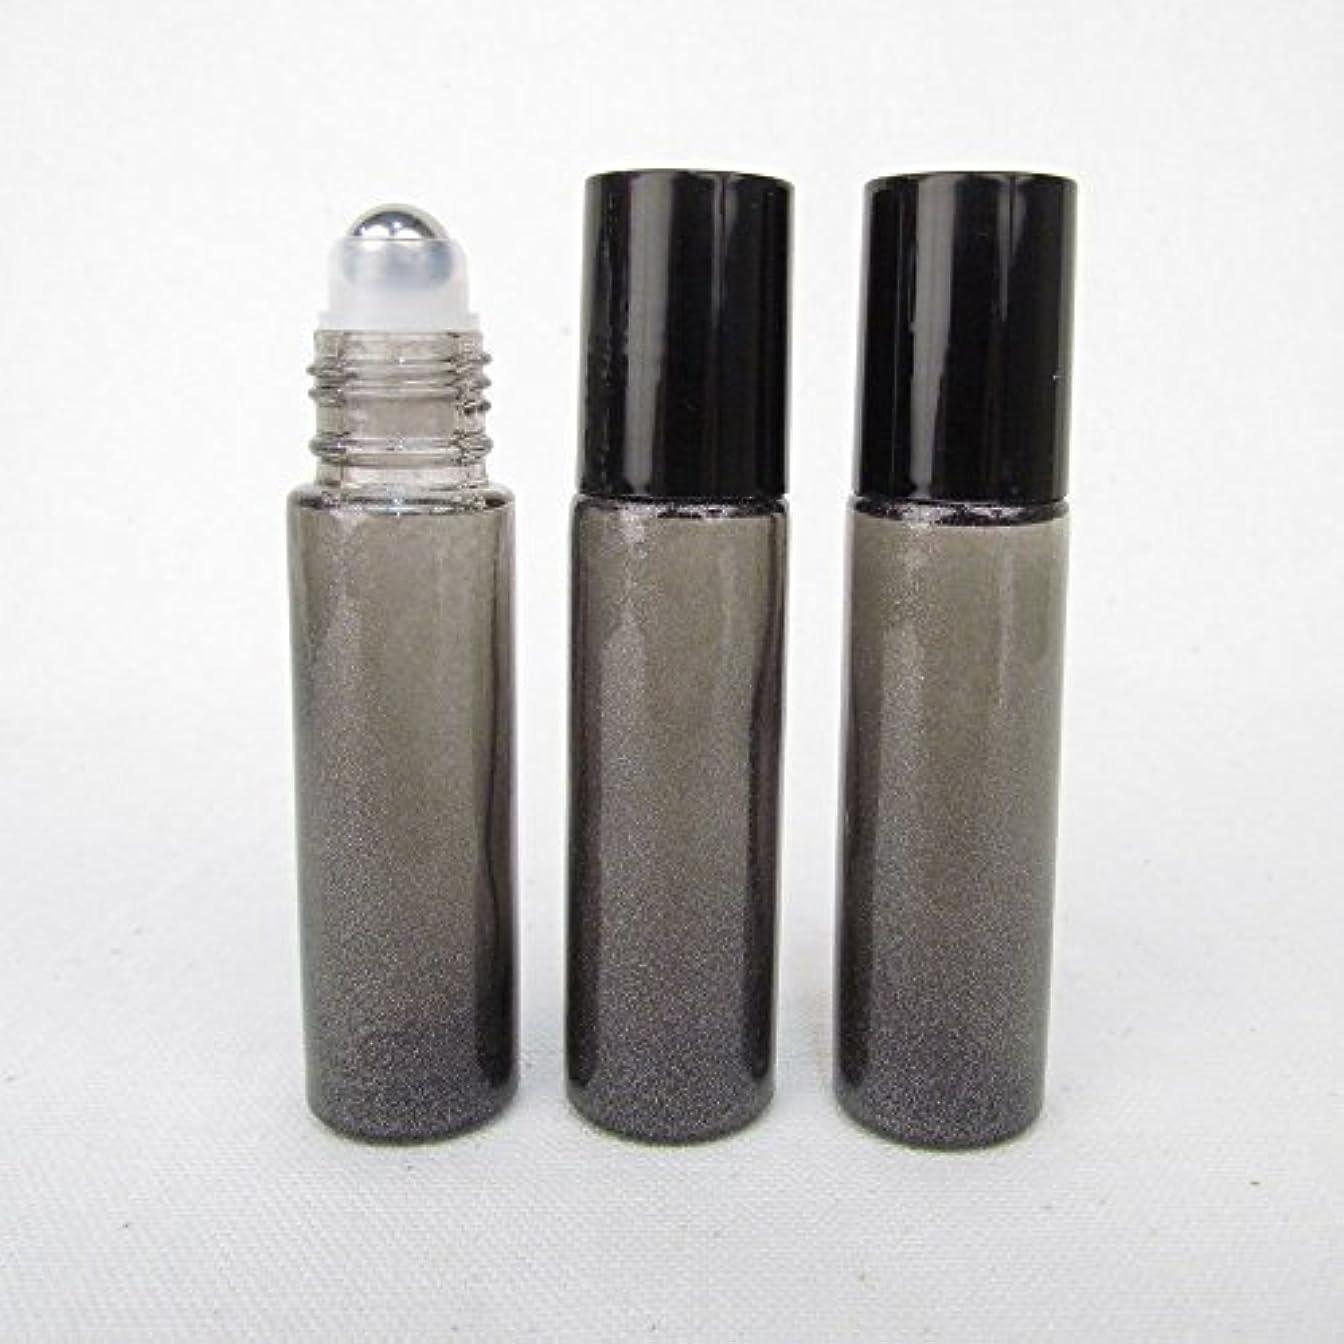 男家主毛布Set of 3 Granite Gray Color 10ml Roll on Bottle with Stainless Steel Ball for Essential Oil Products by Rivertree...